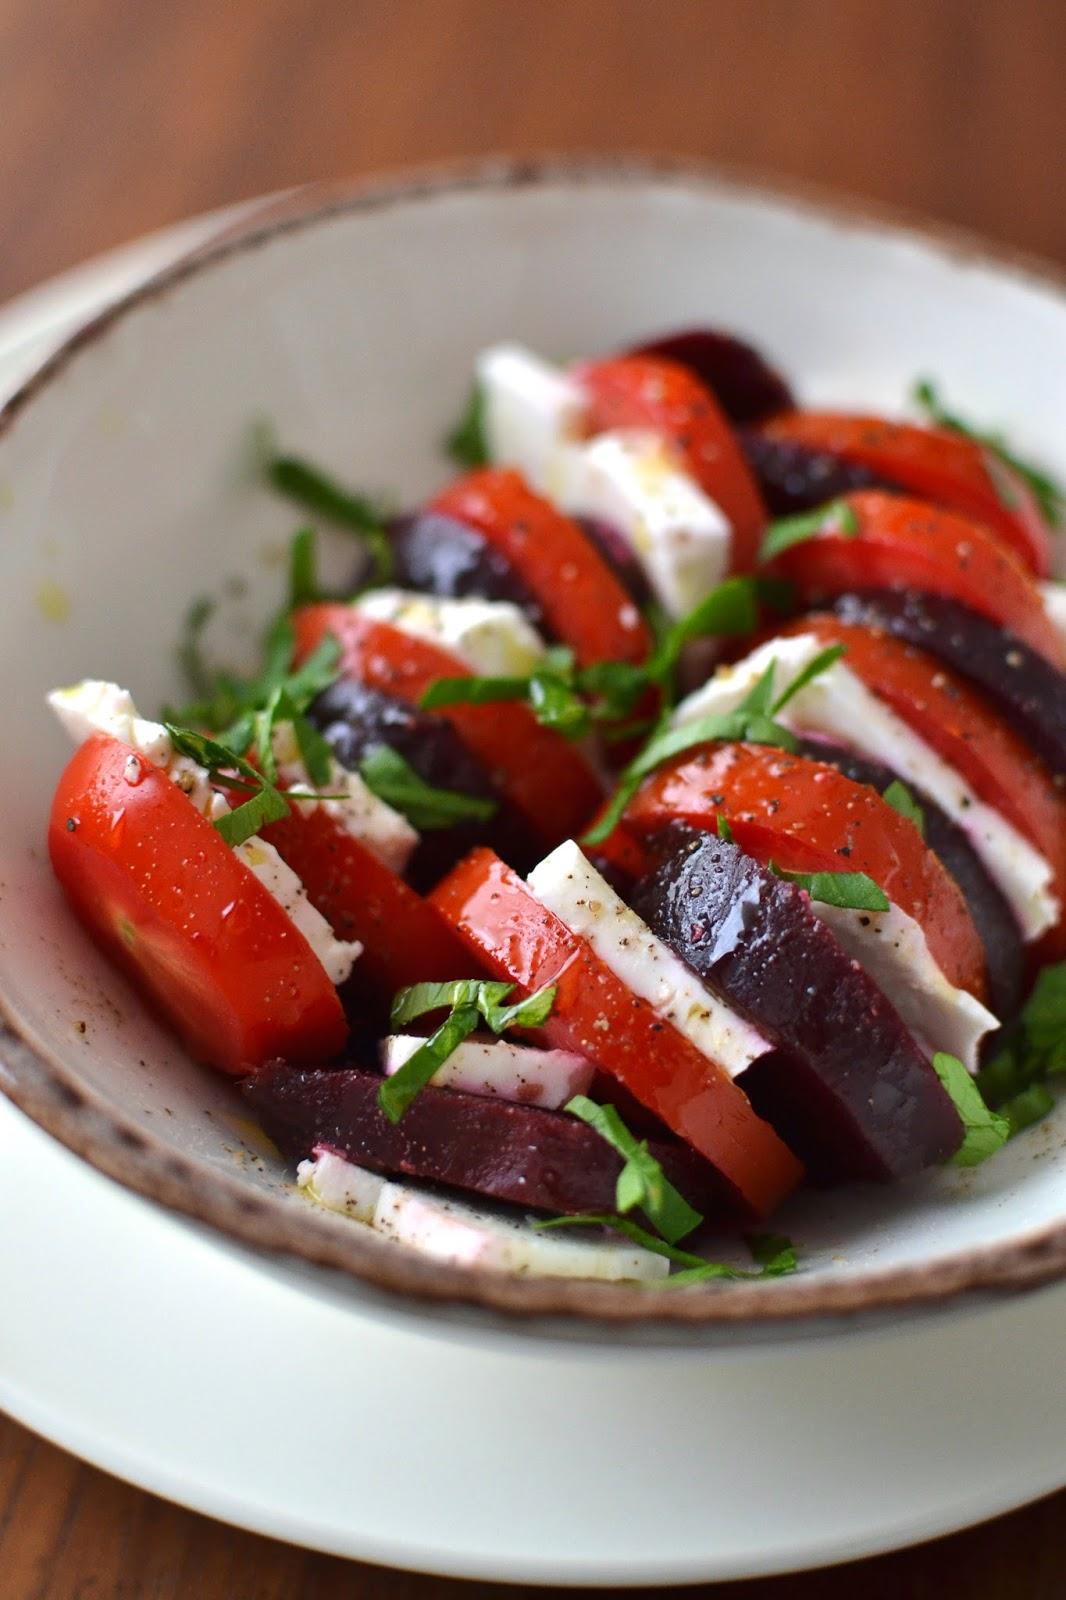 Simple comme ma salade marre de la tomate mozza - Salade de tomates simple ...